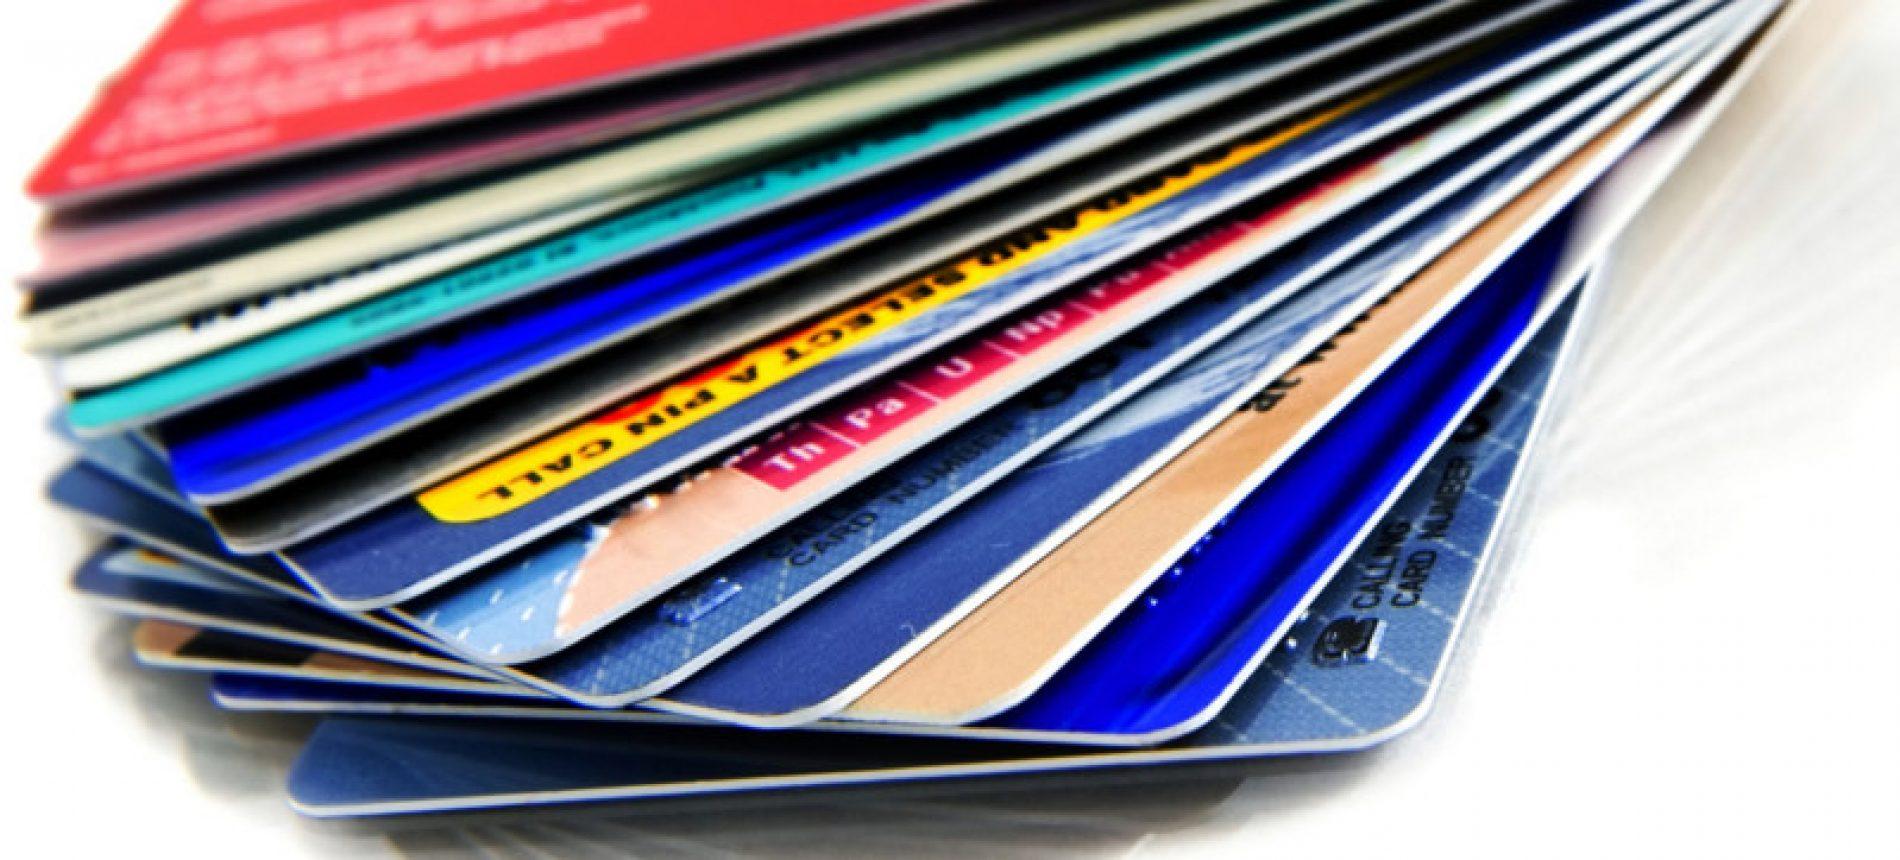 Mobilne banke već ustaljene u Evropi, čeka se ulazak na tržište Bosne i Hercegovine